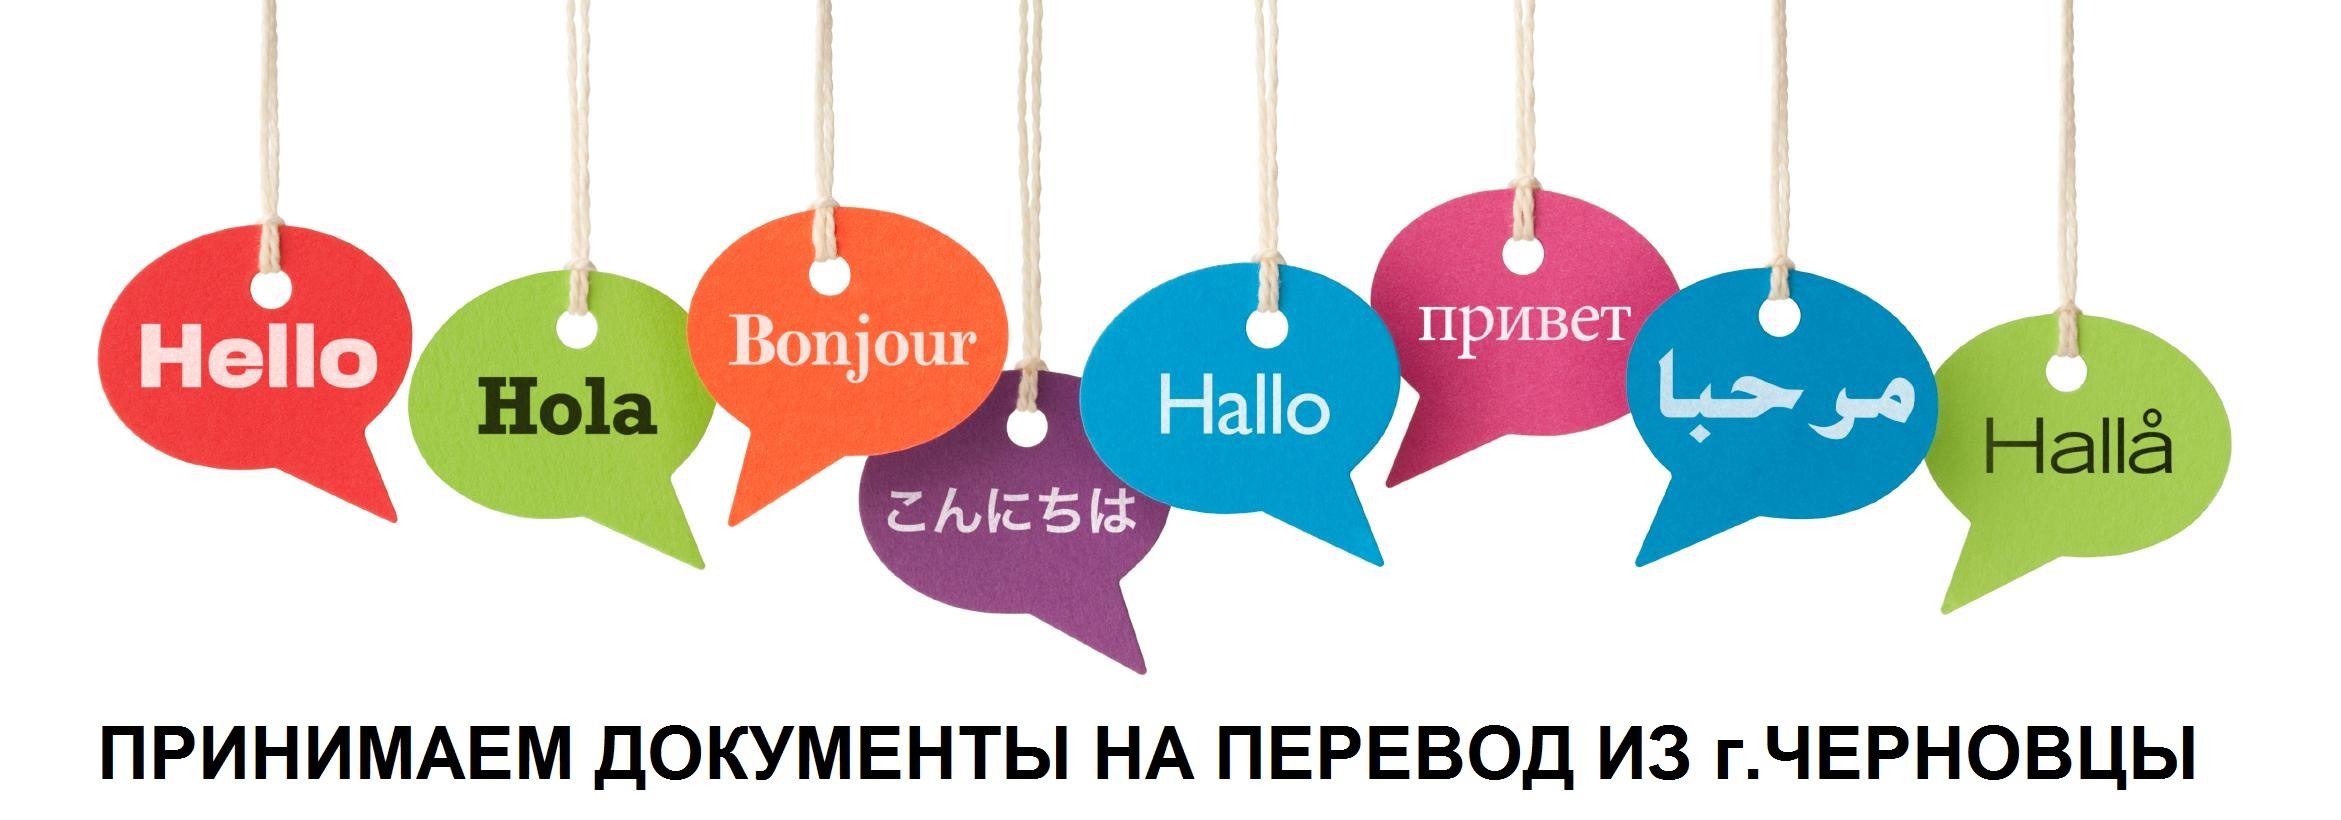 ПРИНИМАЕМ ДОКУМЕНТЫ НА ПЕРЕВОД ИЗ г.ЧЕРНОВЦЫ - SpravkaInform.com.ua